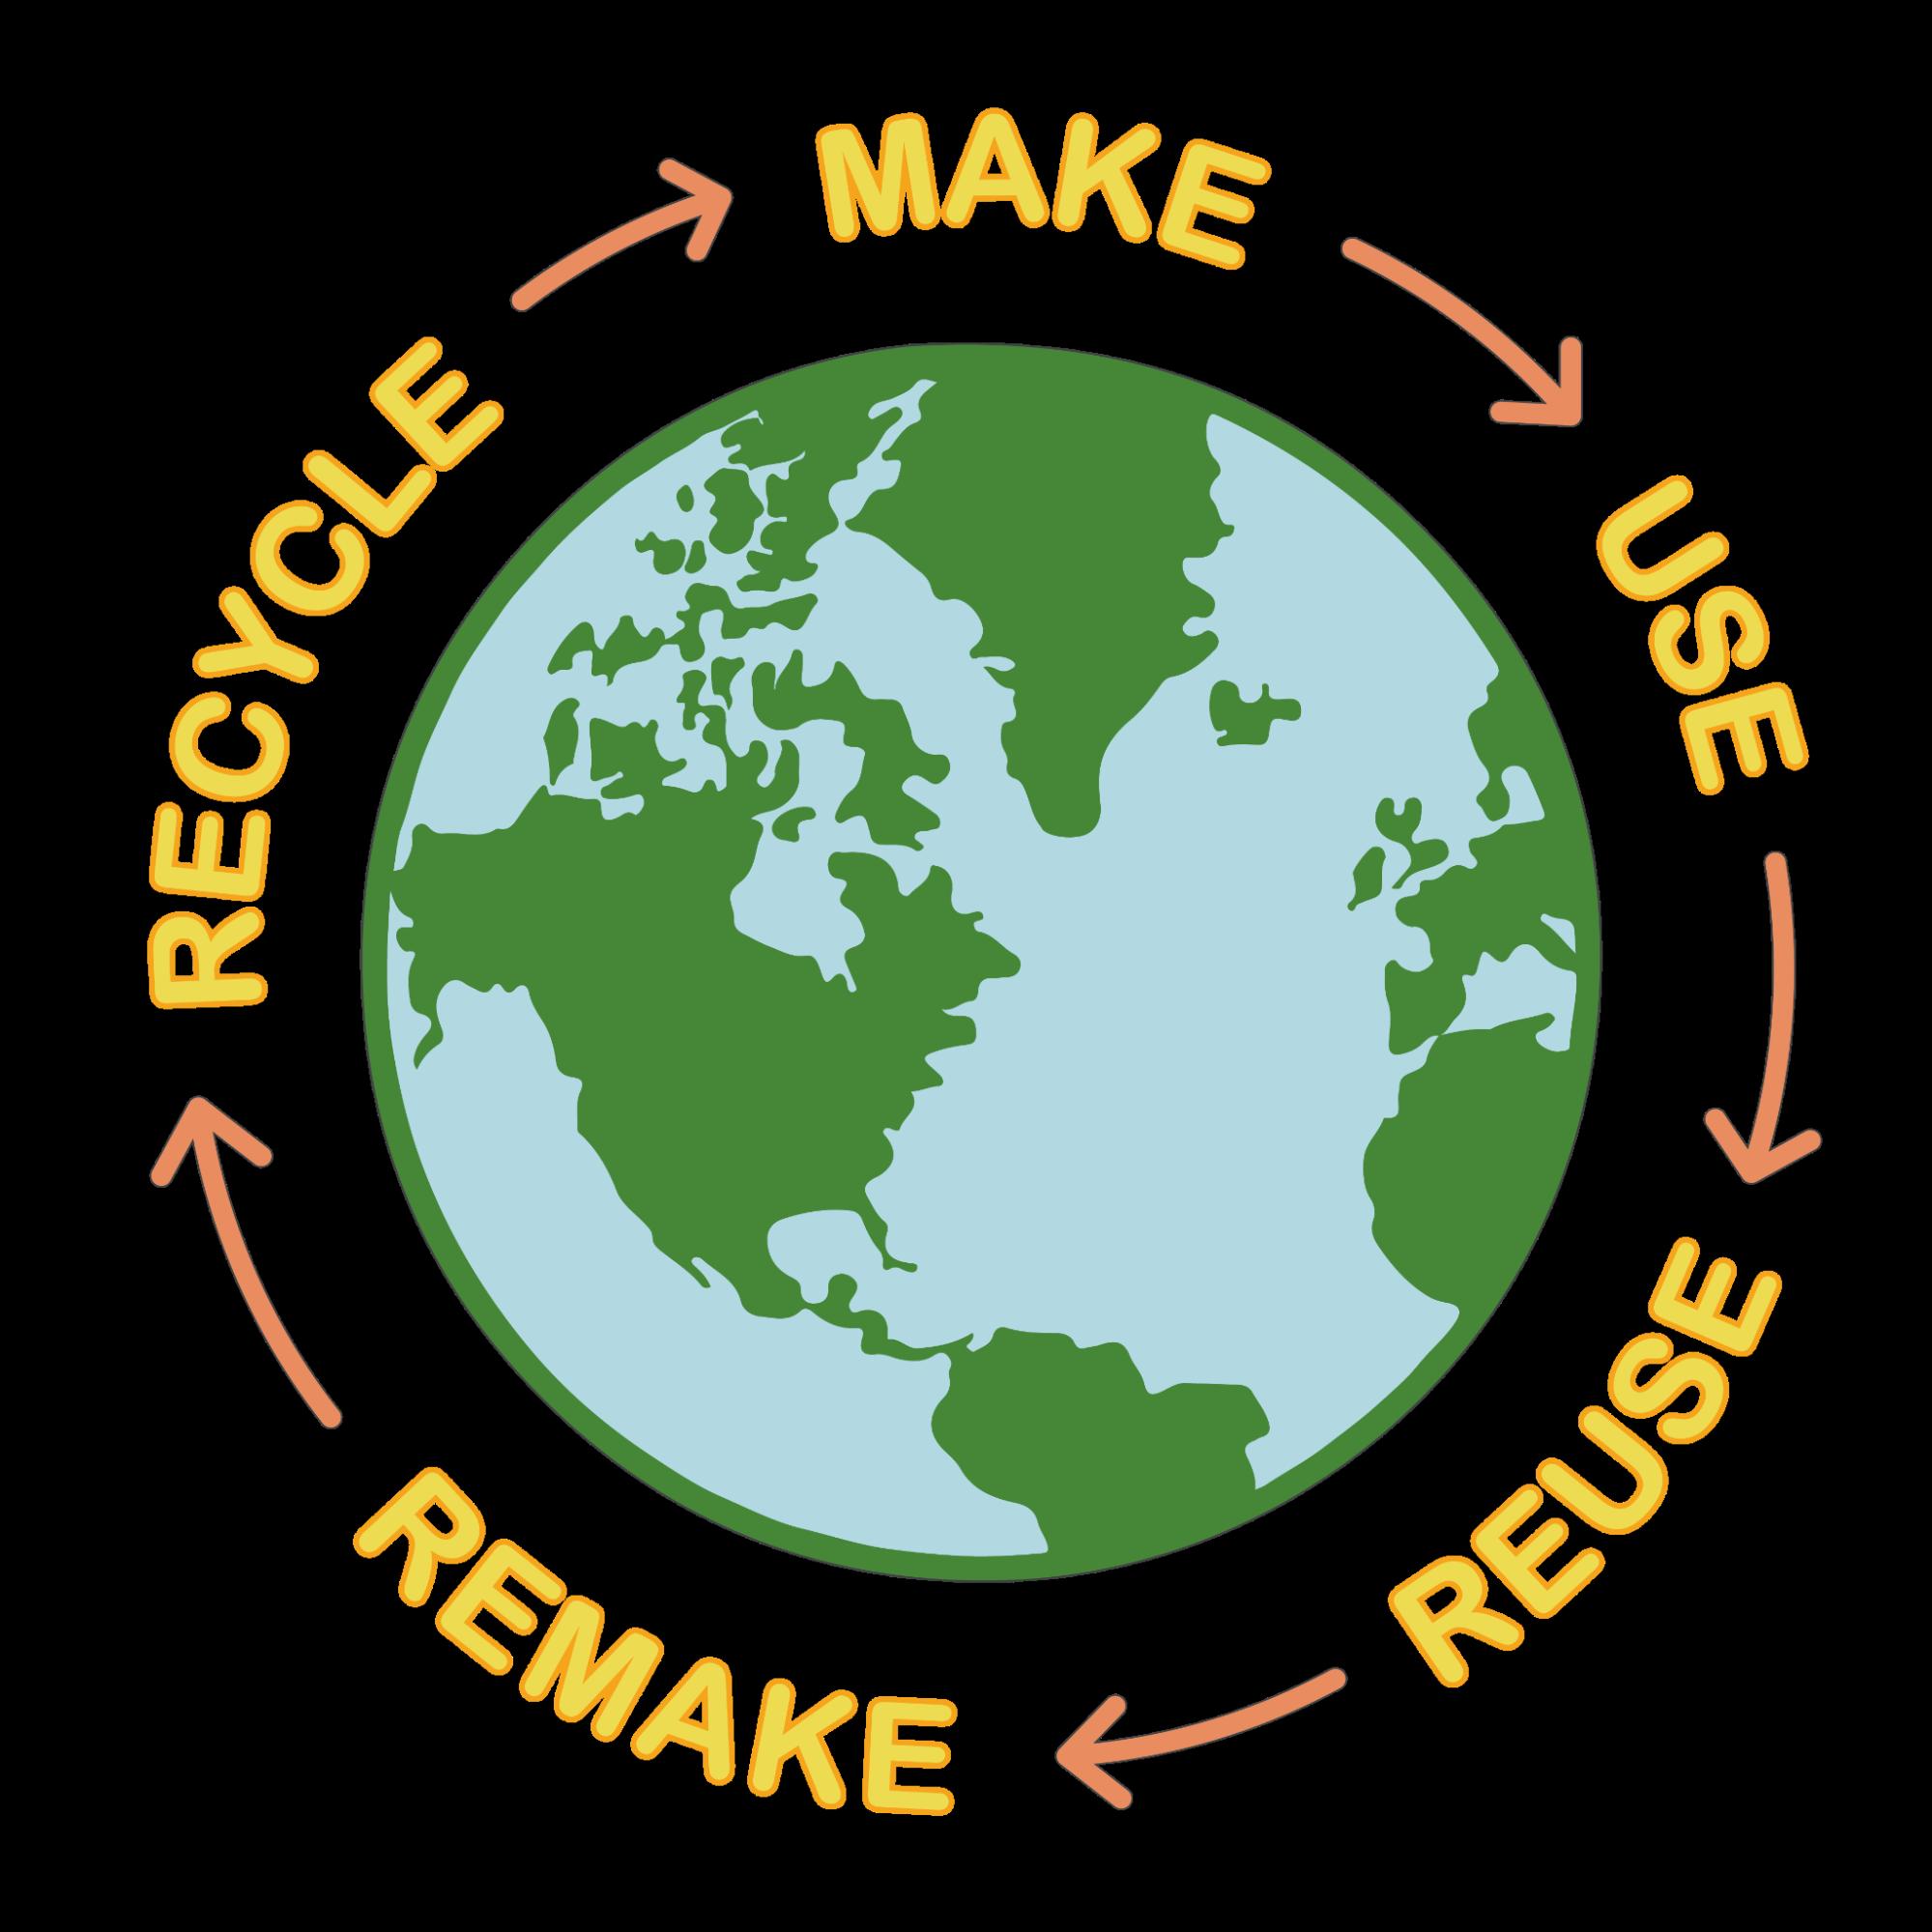 循環經濟是什麼?